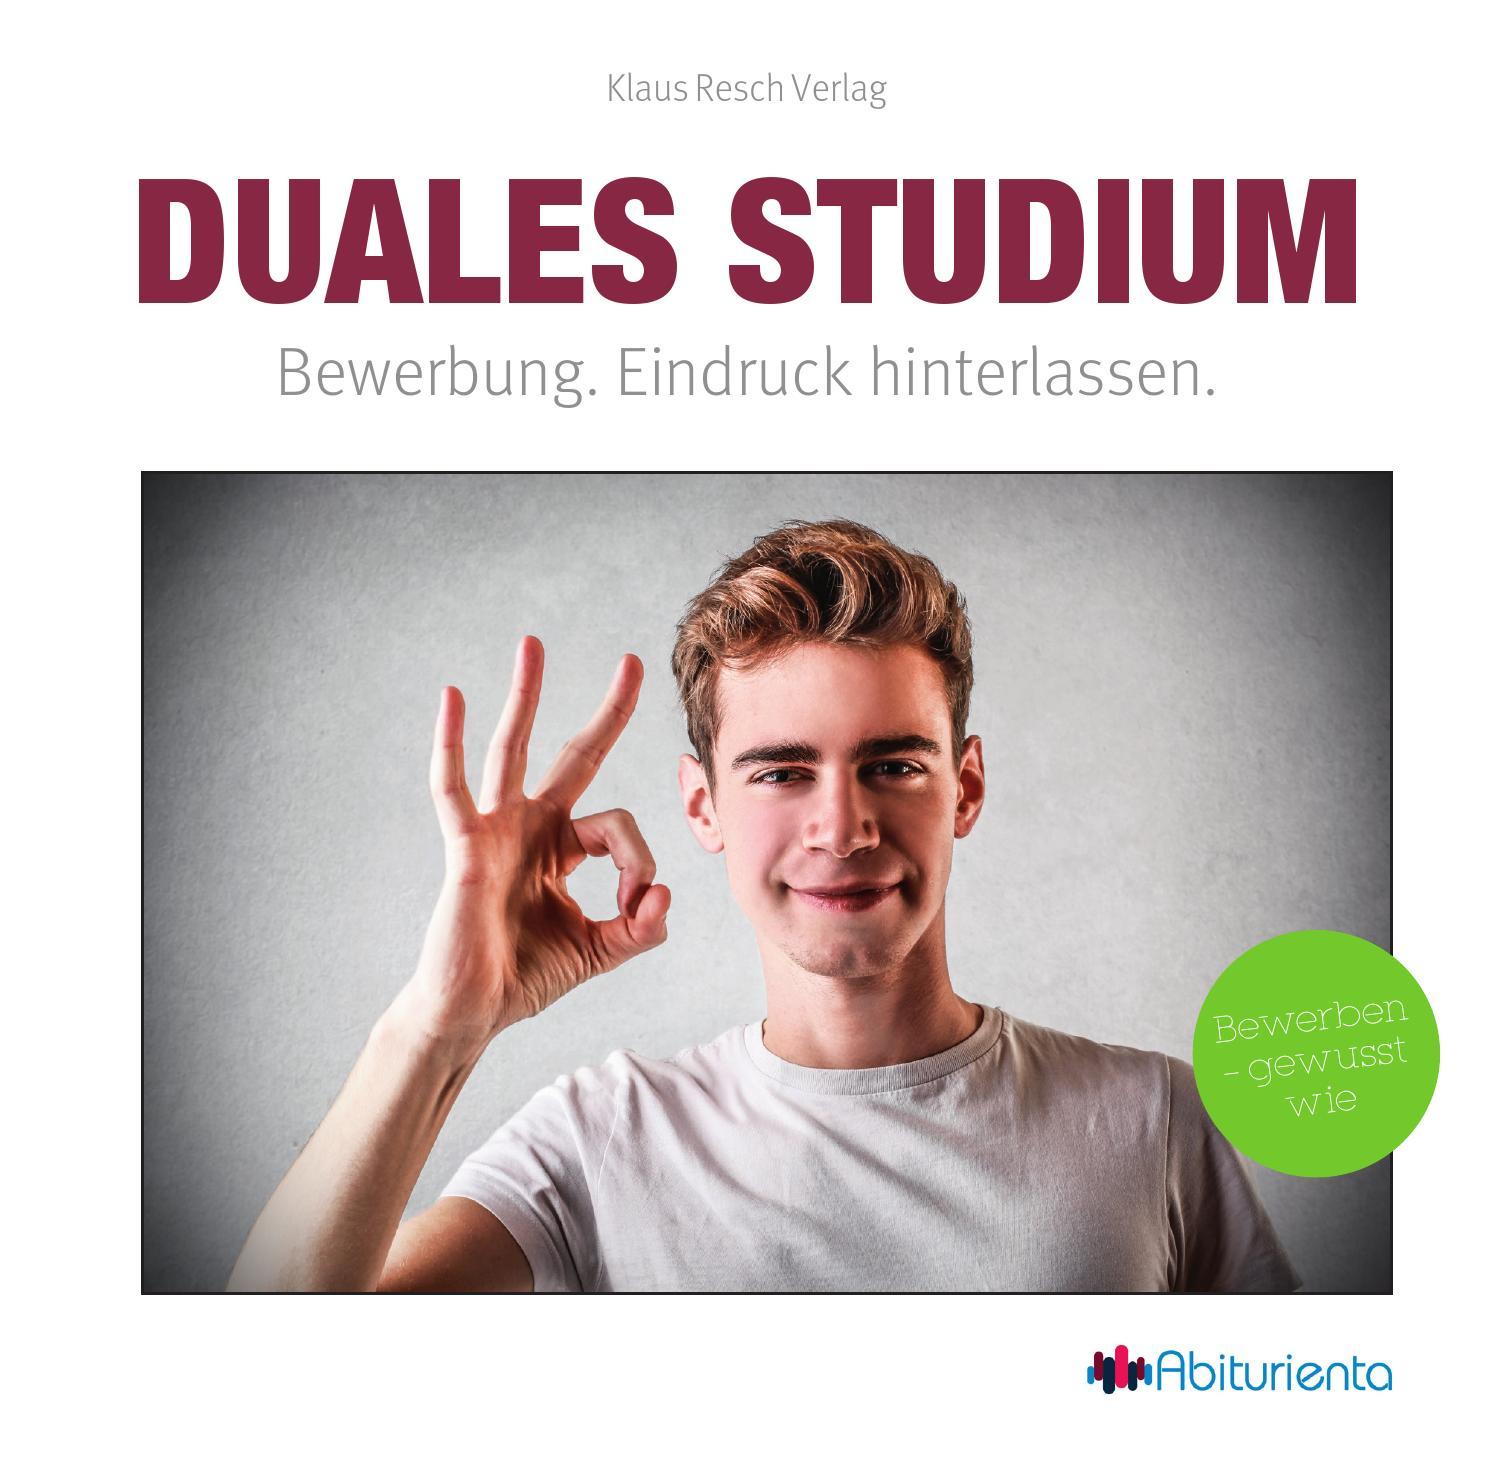 Duales Studium - Bewerbung. Eindruck hinterlassen. by Abiturienta - issuu